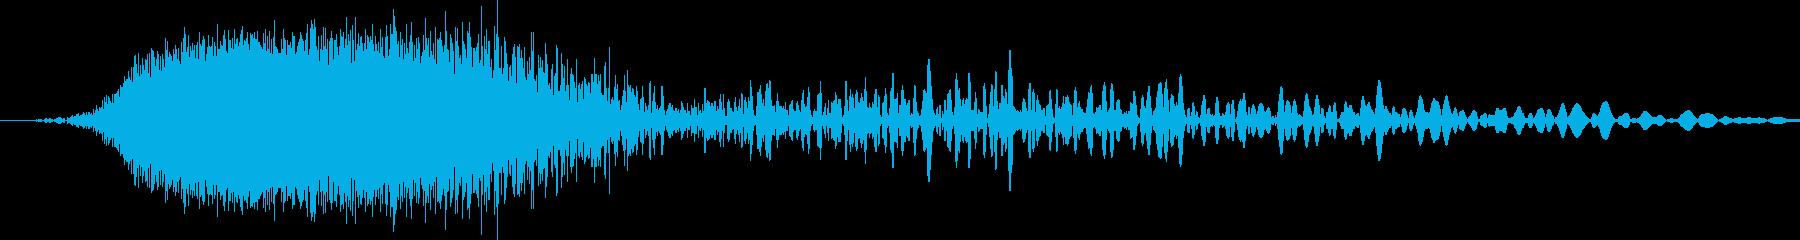 しゅーわおんと言う感じのノイズです。の再生済みの波形